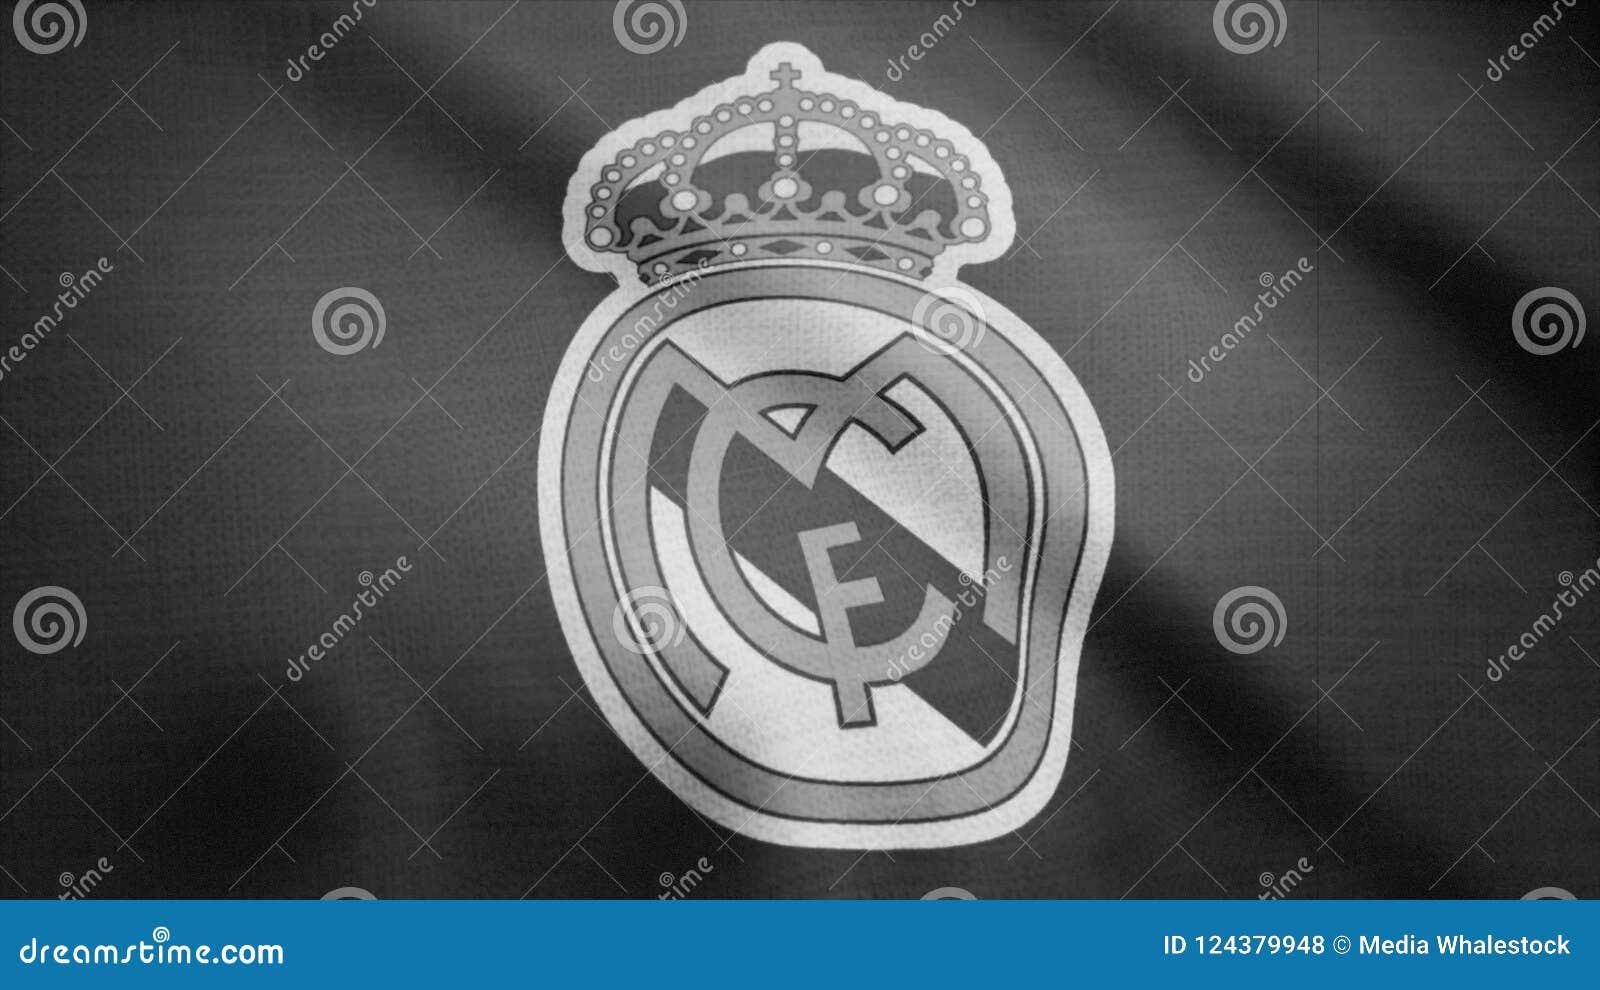 Fc Real Madrid Flag Is Waving Monochrome Tv Noise Close Up Of Waving Flag With Fc Real Madrid Football Club Logo